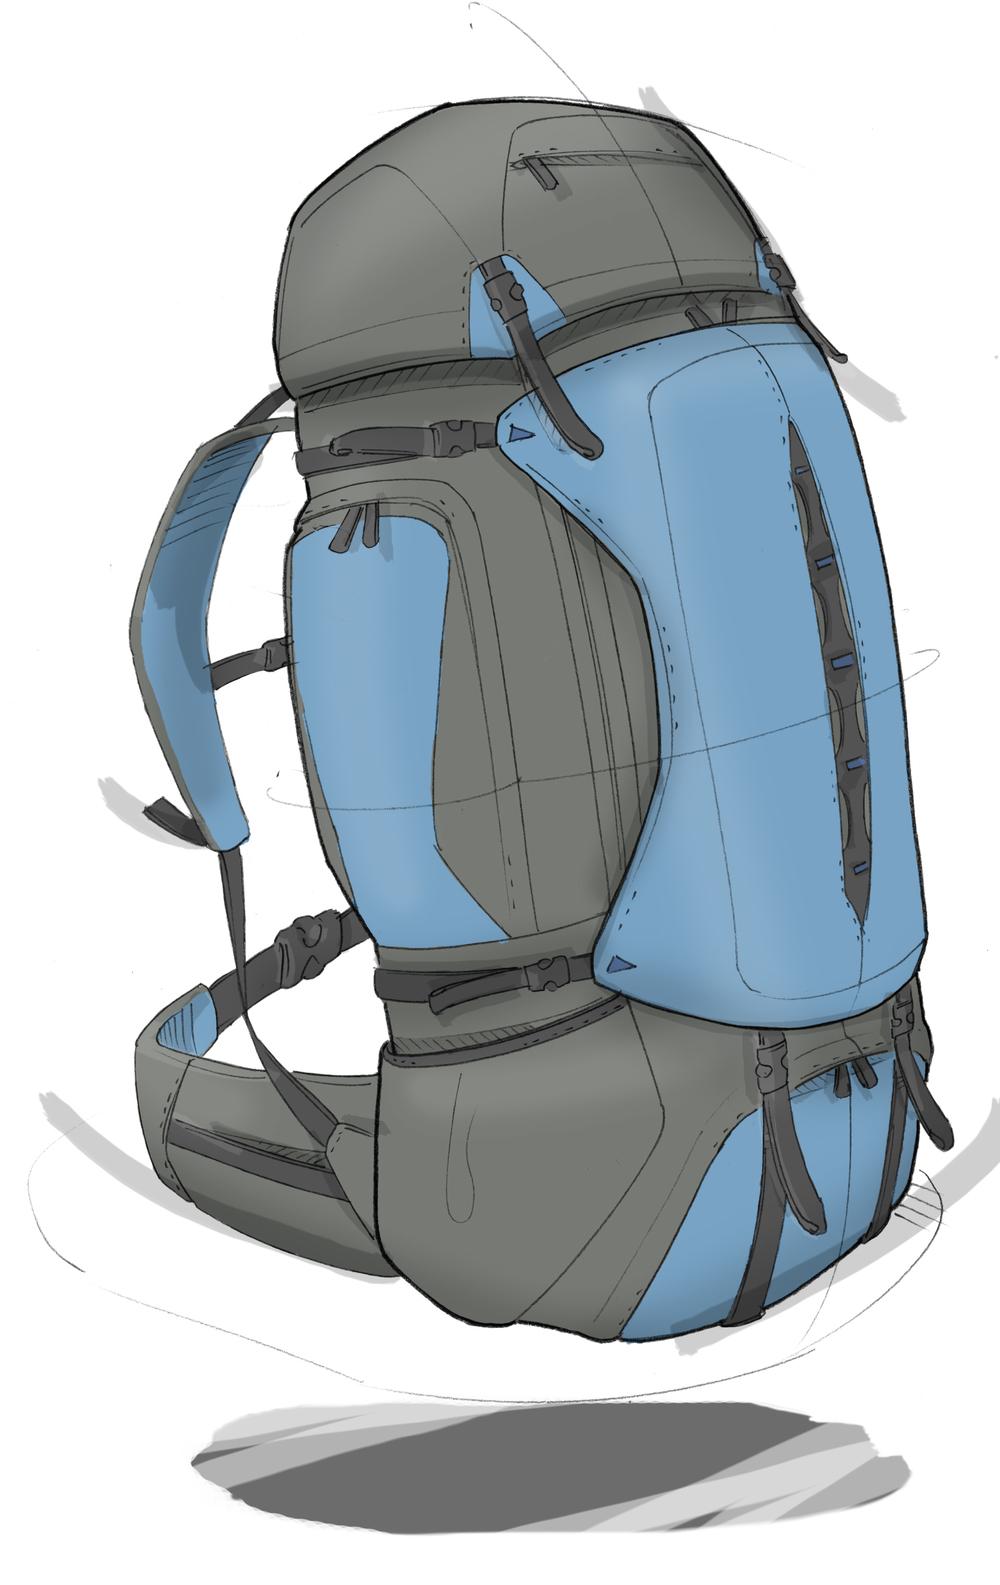 trail-rendering-02.jpg